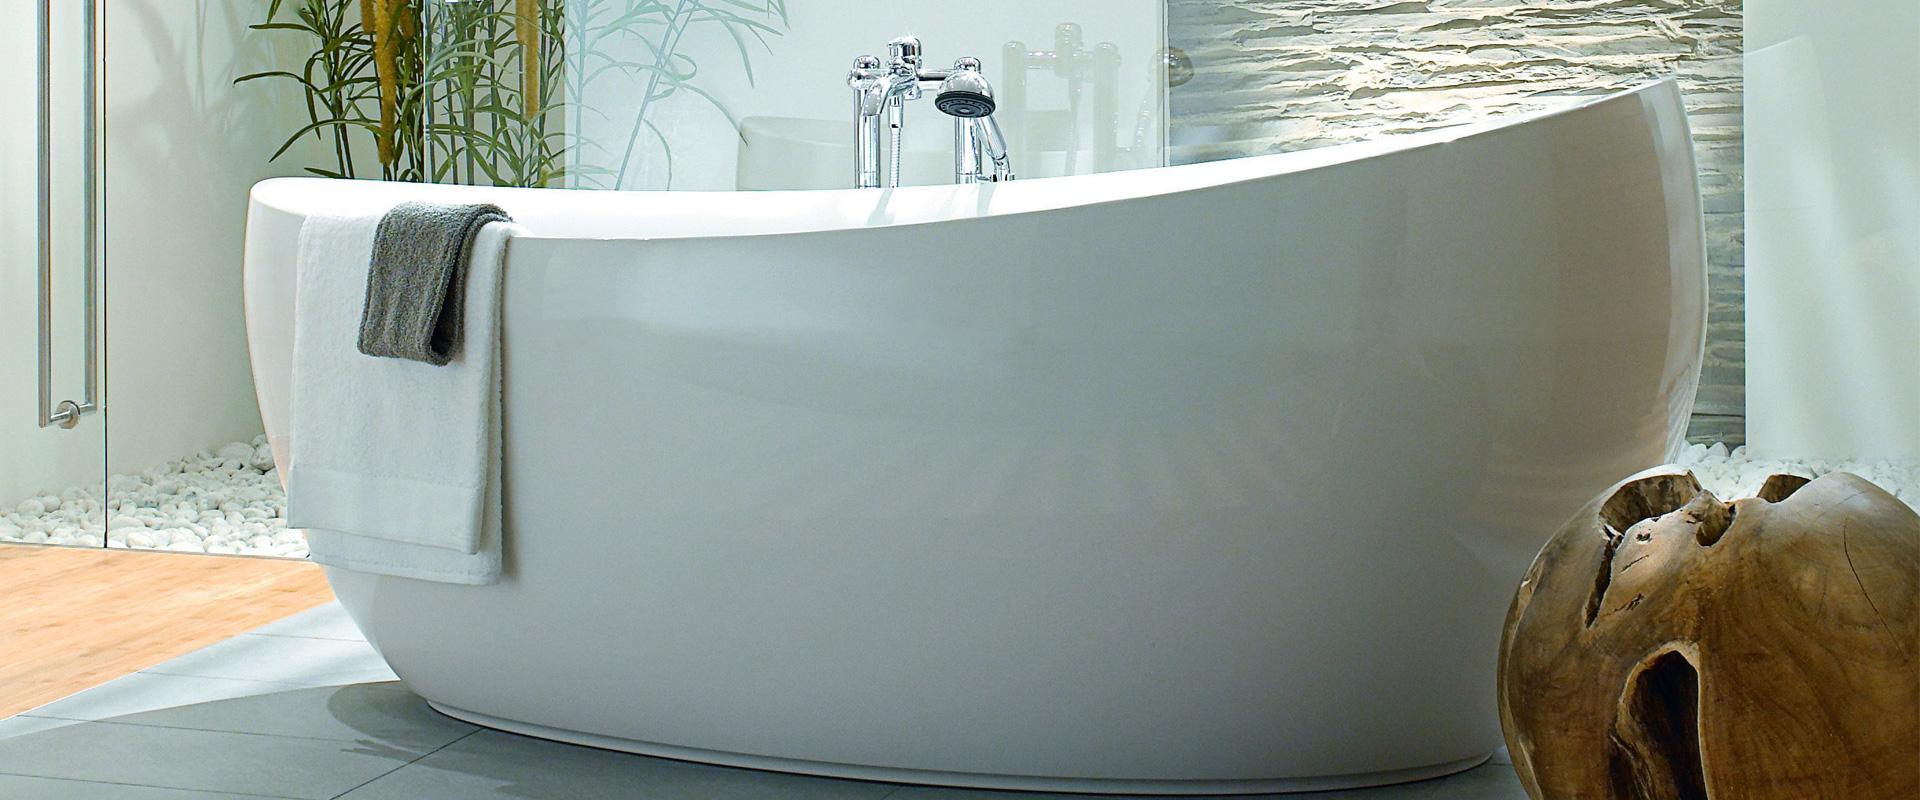 quaryl l alliance de la chaleur et de l esth tique dans la salle de bains. Black Bedroom Furniture Sets. Home Design Ideas